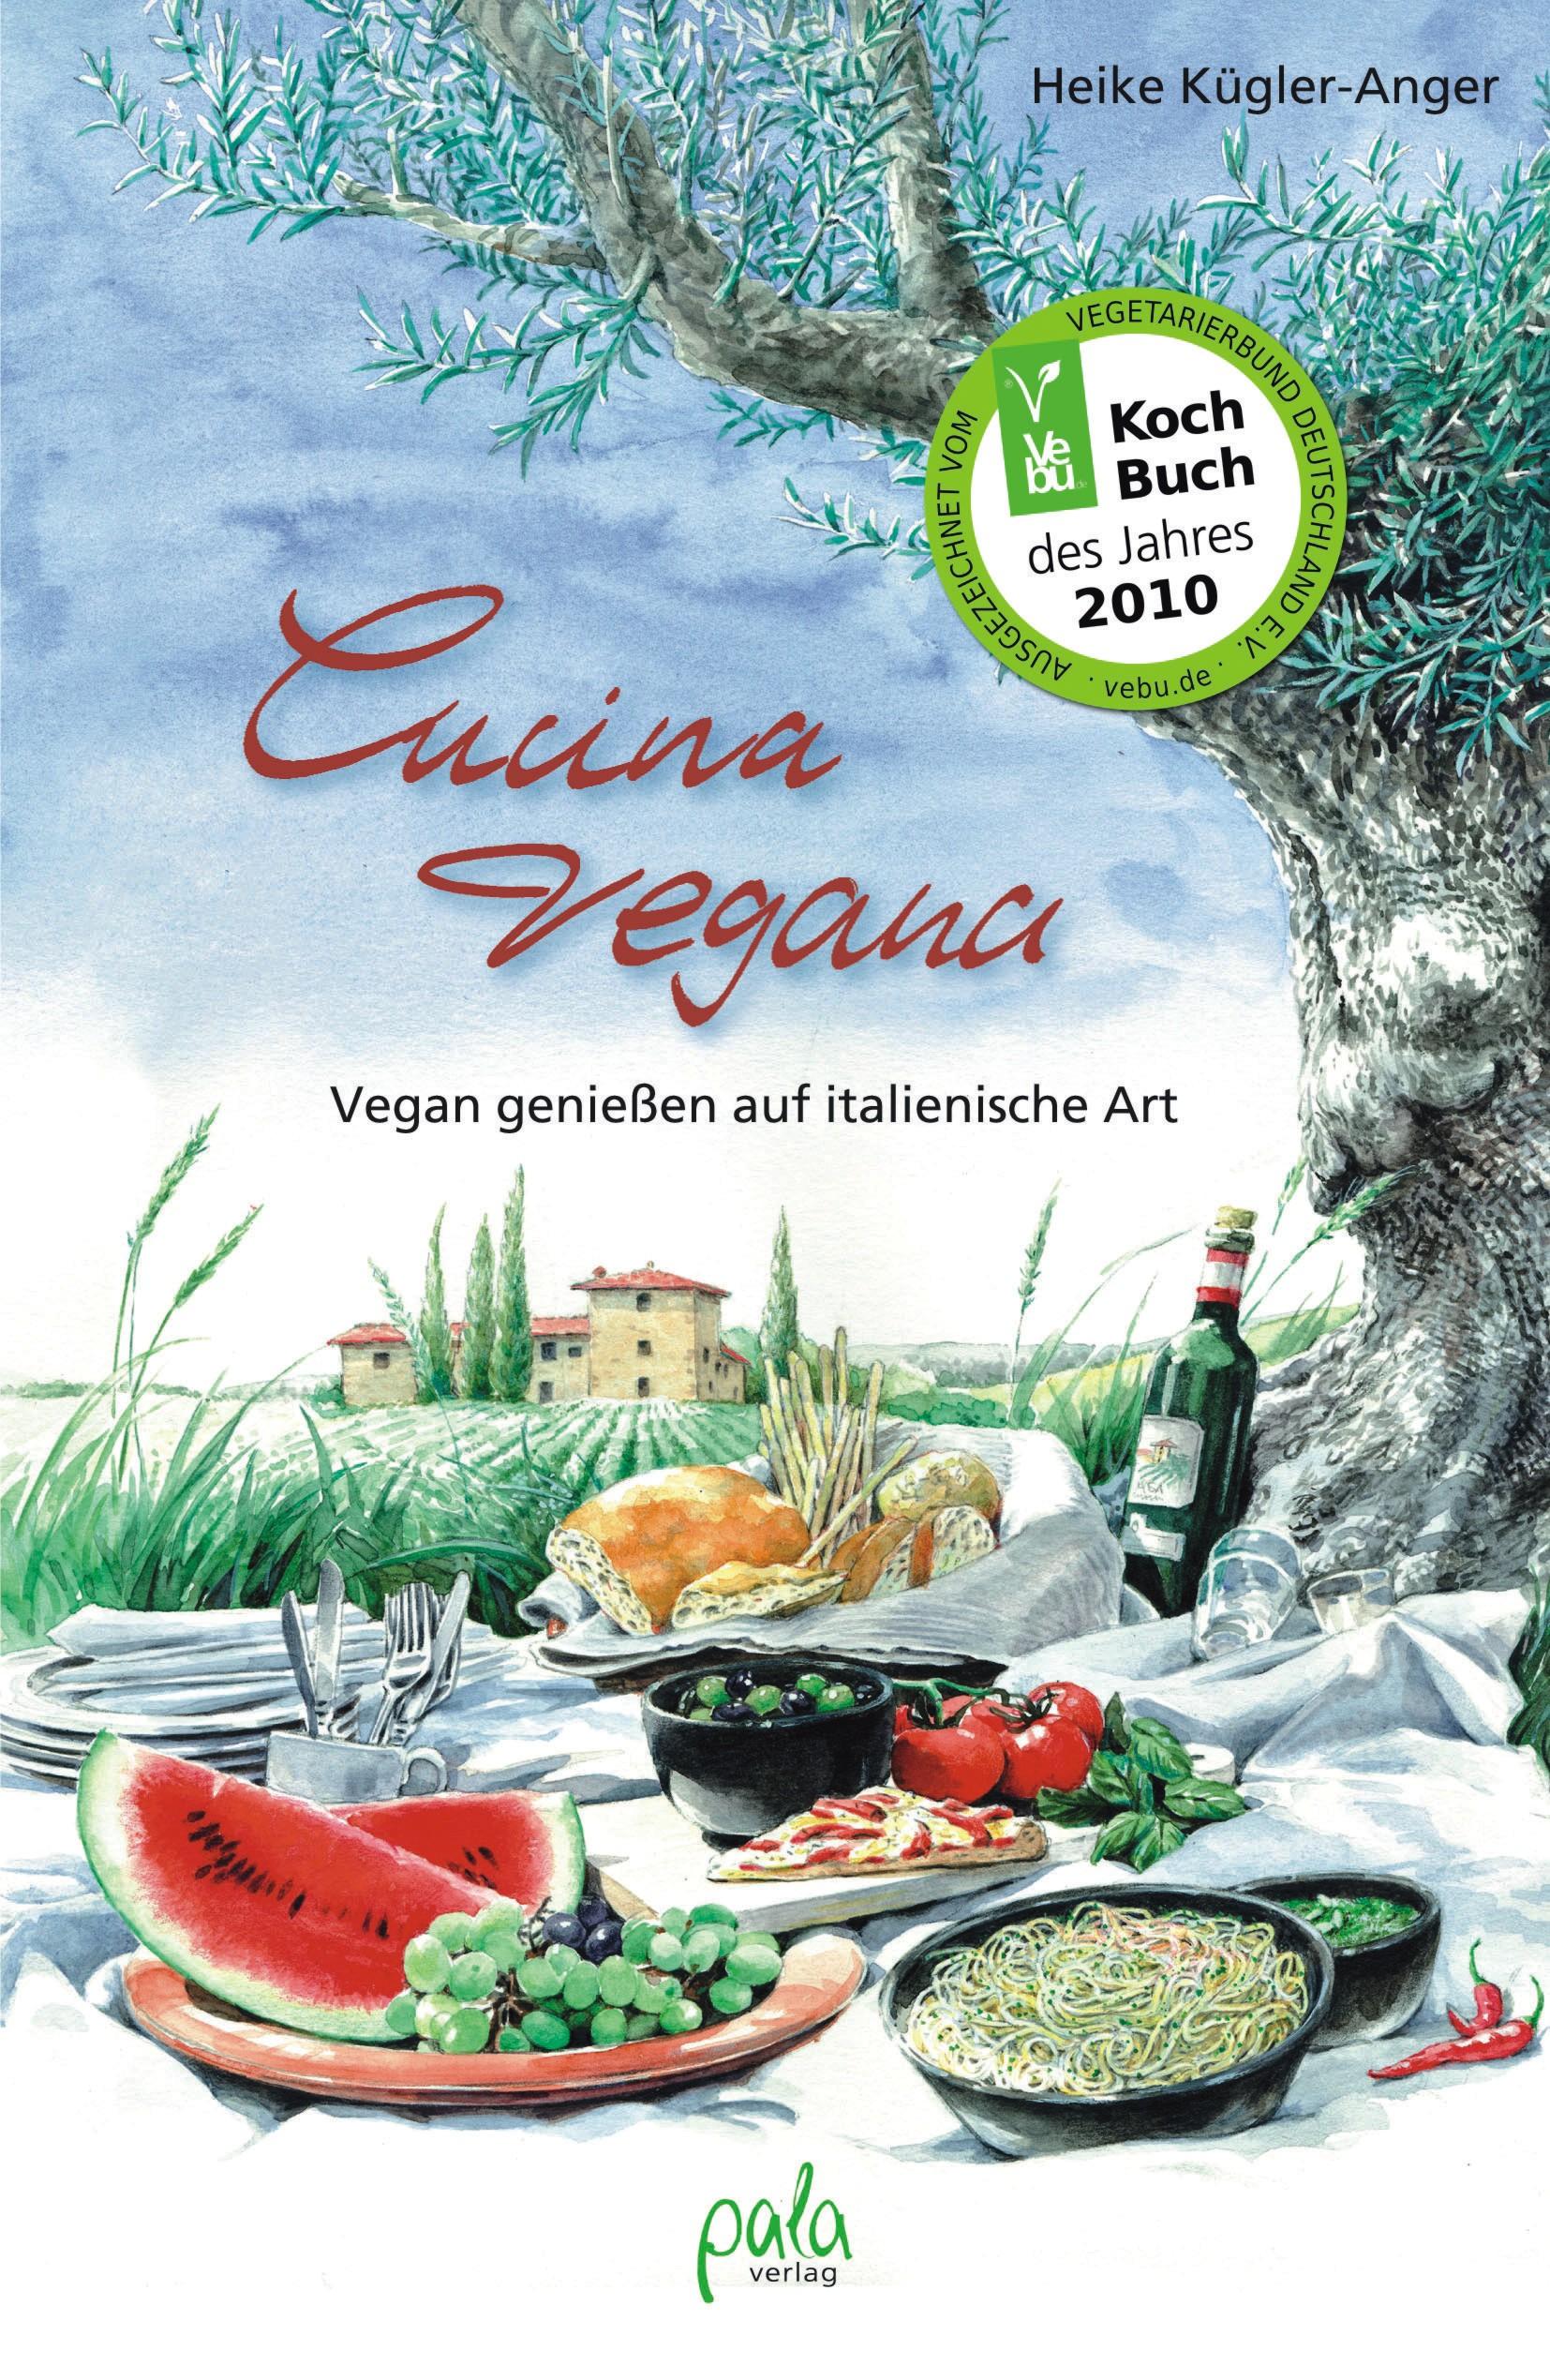 9783895662478 Cucina vegana